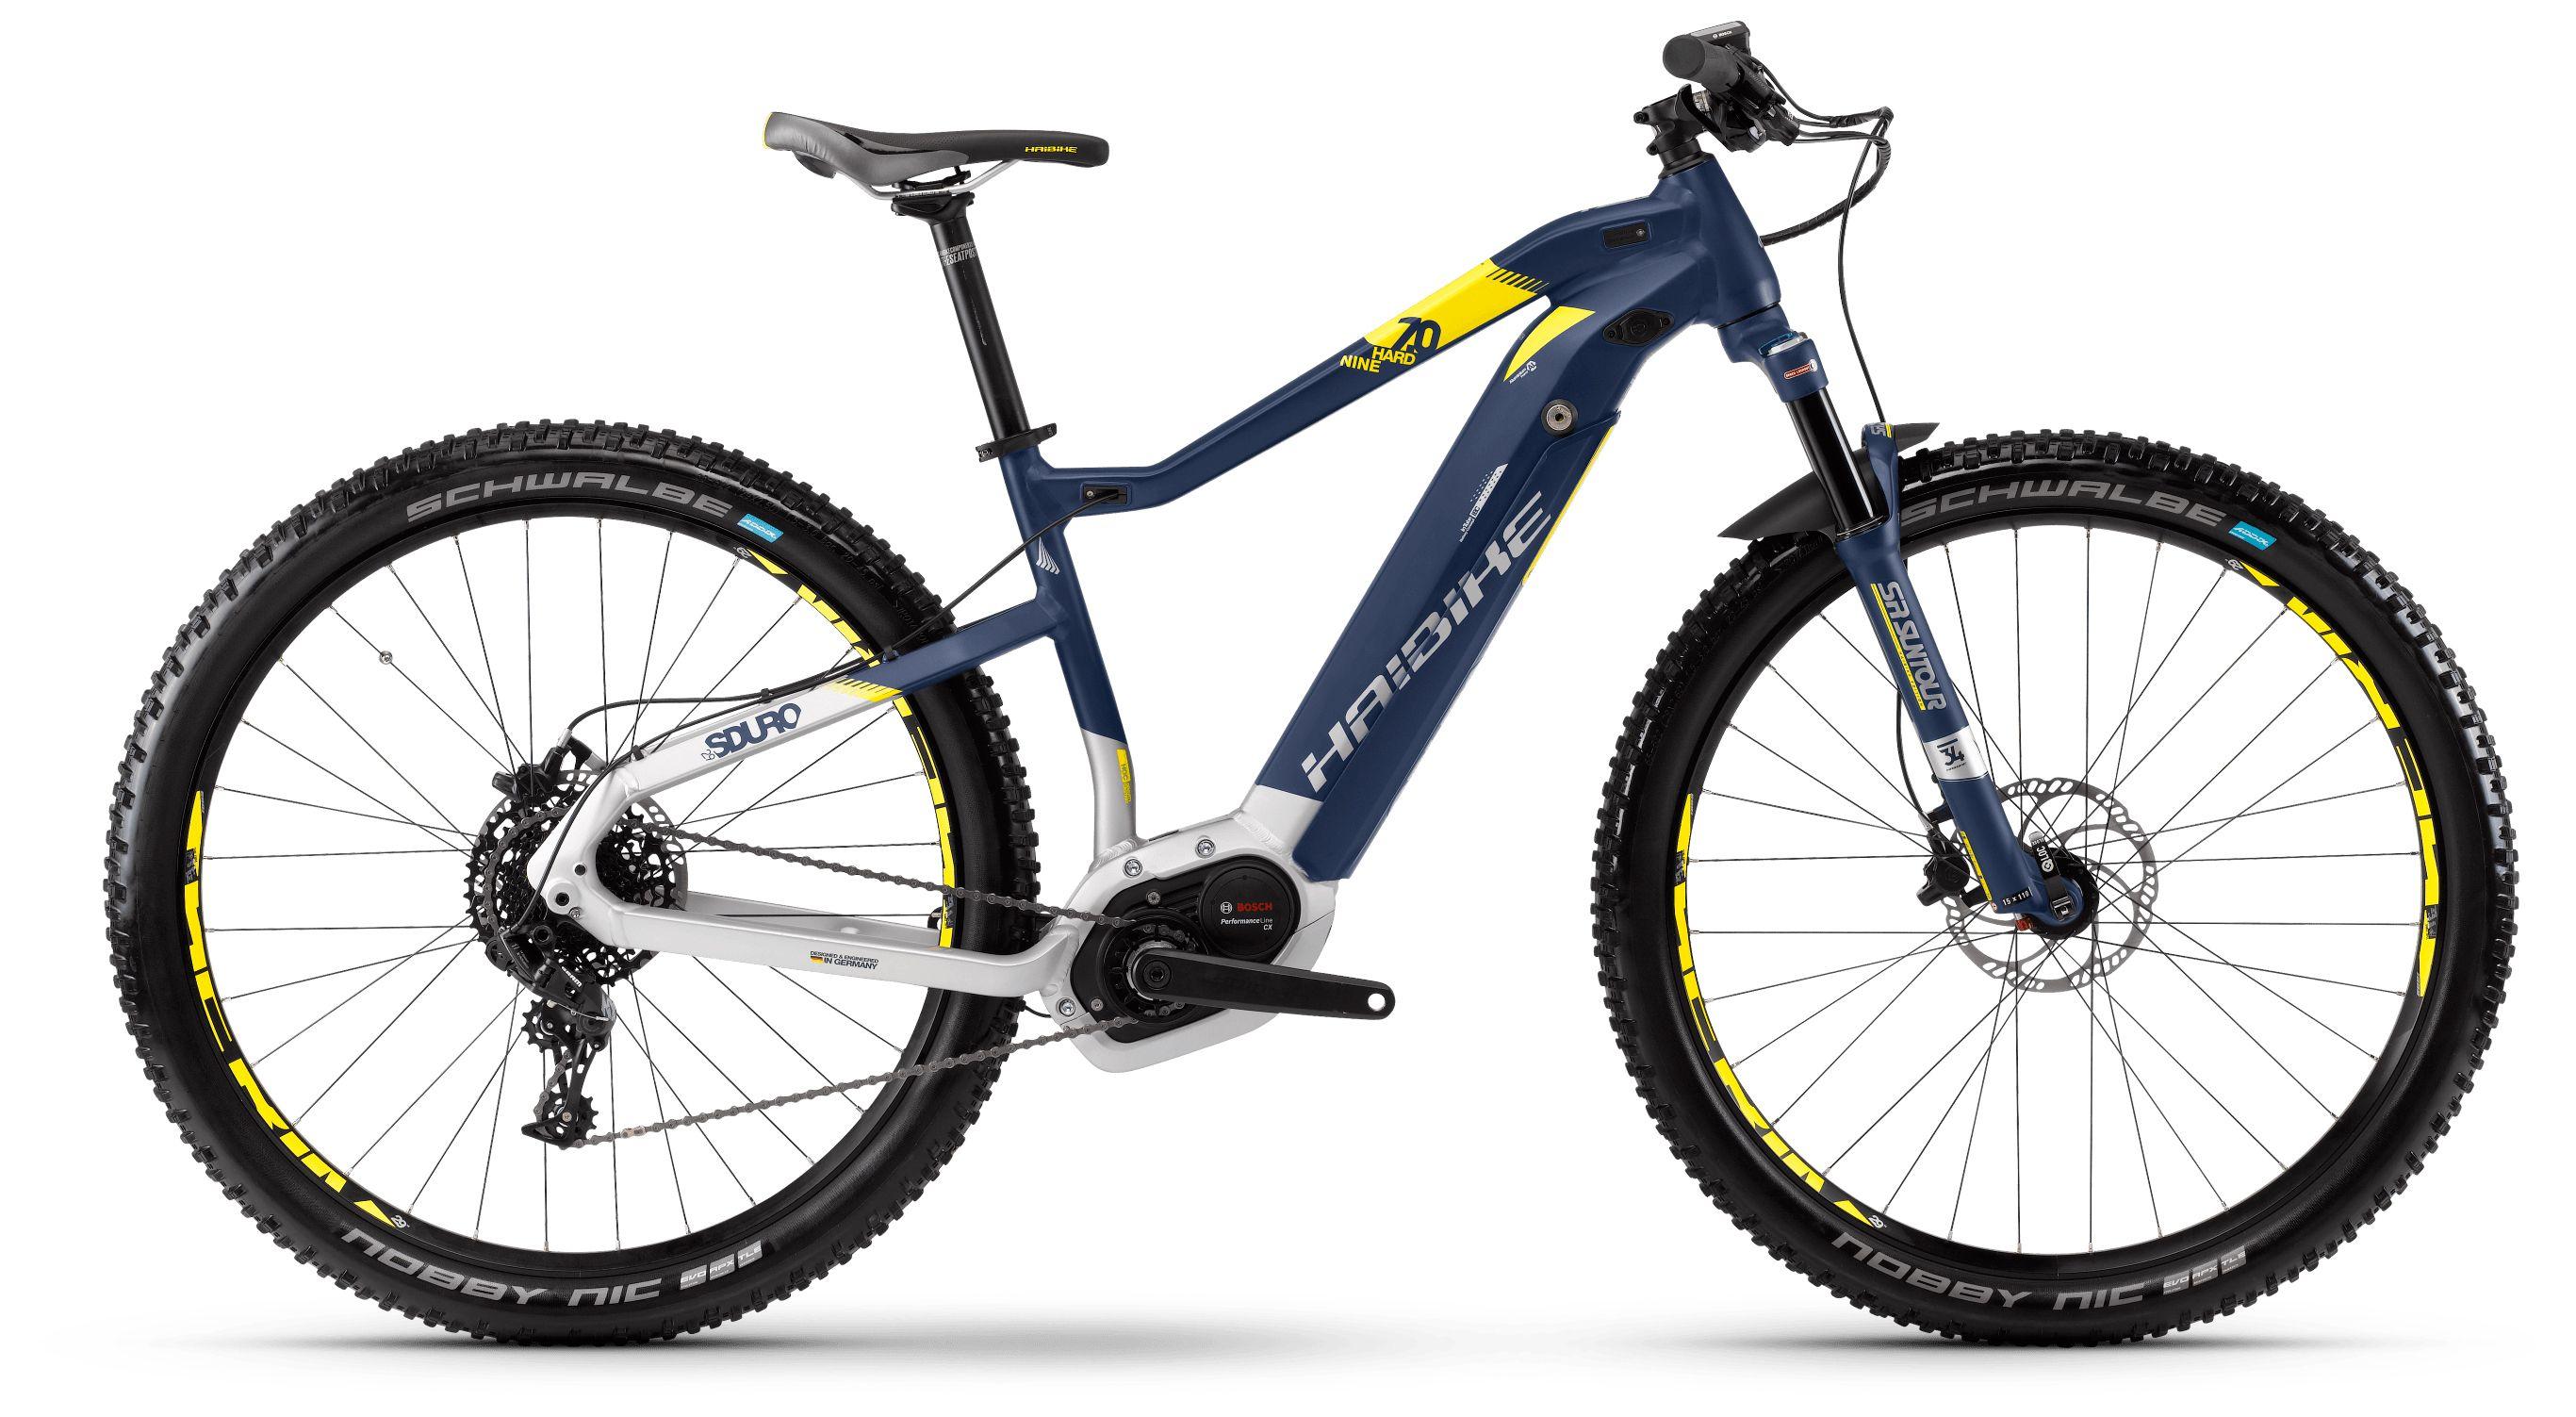 Велосипед Haibike Sduro HardNine 7.0 500Wh 11s NX 2018 велосипед haibike sduro hardseven 2 0 400wh 11s nx 2018